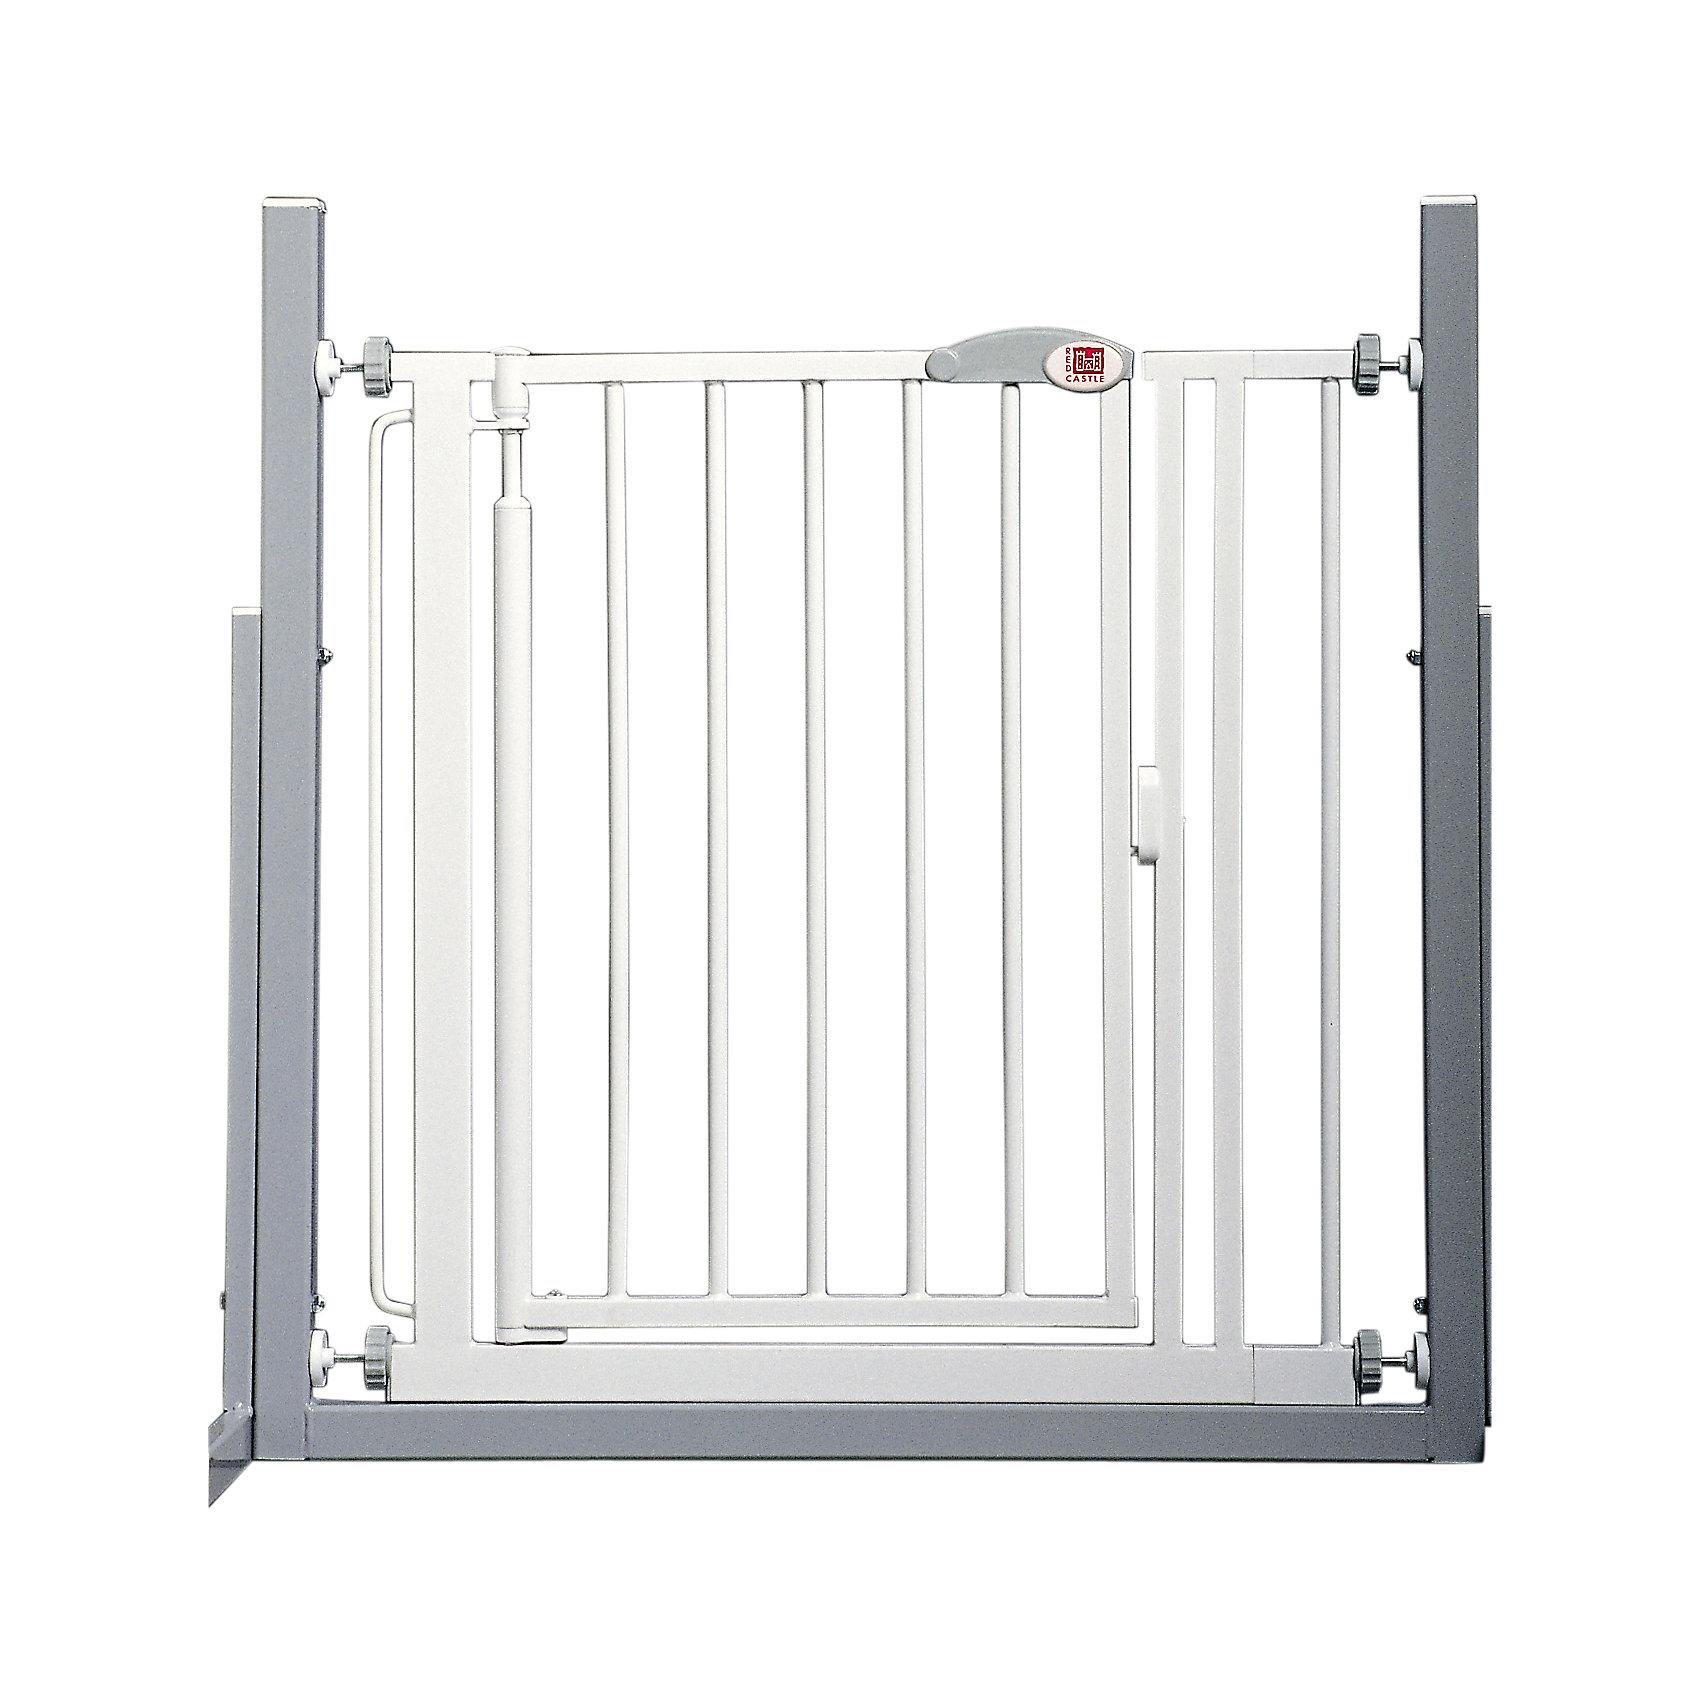 Ворота безопасности 68,5-75,5 см, Red CastleБлокирующие и защитные устройства для дома<br>Ворота безопасности 68,5-75,5 см, Red Castle (Ред Кастл)<br><br>Характеристики:<br><br>• помогут защитить ребенка от травм и падений<br>• автоматическое закрытие и блокировка<br>• быстро фиксируются при помощи прилегающих чашечек<br>• ребенок не сможет развинтить колесики креплений, благодаря запатентованному механизму крепления<br>• не открываются в одном направлении одновременно<br>• материал: металл с покрытием из белой краски и лака<br>• размер ворот: 68,5х75,5х75,5 см<br>• размер упаковки: 66х78,5х4 см<br>• вес: 6300 грамм<br><br>Ворота безопасности - незаменимая вещь для родителей. Они помогут защитить вашего малыша от травм, падений и других опасных ситуаций. Ворота можно установить в лестничный проем или проход, который должен быть недоступен для ребенка. Конструкция устанавливается без сверления, и фиксируется при помощи плотно прилегающих чашечек. <br><br>Колесики креплений оснащены специальным запатентованным механизмом, поэтому ваш кроха не сможет справиться с ними самостоятельно. Ширина ворот регулируется от 68,5 до 75,5 см. Дверца автоматически закрывается и блокируется, если вы забудете это сделать. Ворота безопасности помогут позаботиться о вашем малыше!<br><br>Ворота безопасности 68,5-75,5 см, Red Castle (Ред Кастл) вы можете купить в нашем интернет-магазине.<br><br>Ширина мм: 751<br>Глубина мм: 10<br>Высота мм: 751<br>Вес г: 6100<br>Возраст от месяцев: -2147483648<br>Возраст до месяцев: 2147483647<br>Пол: Унисекс<br>Возраст: Детский<br>SKU: 5445690